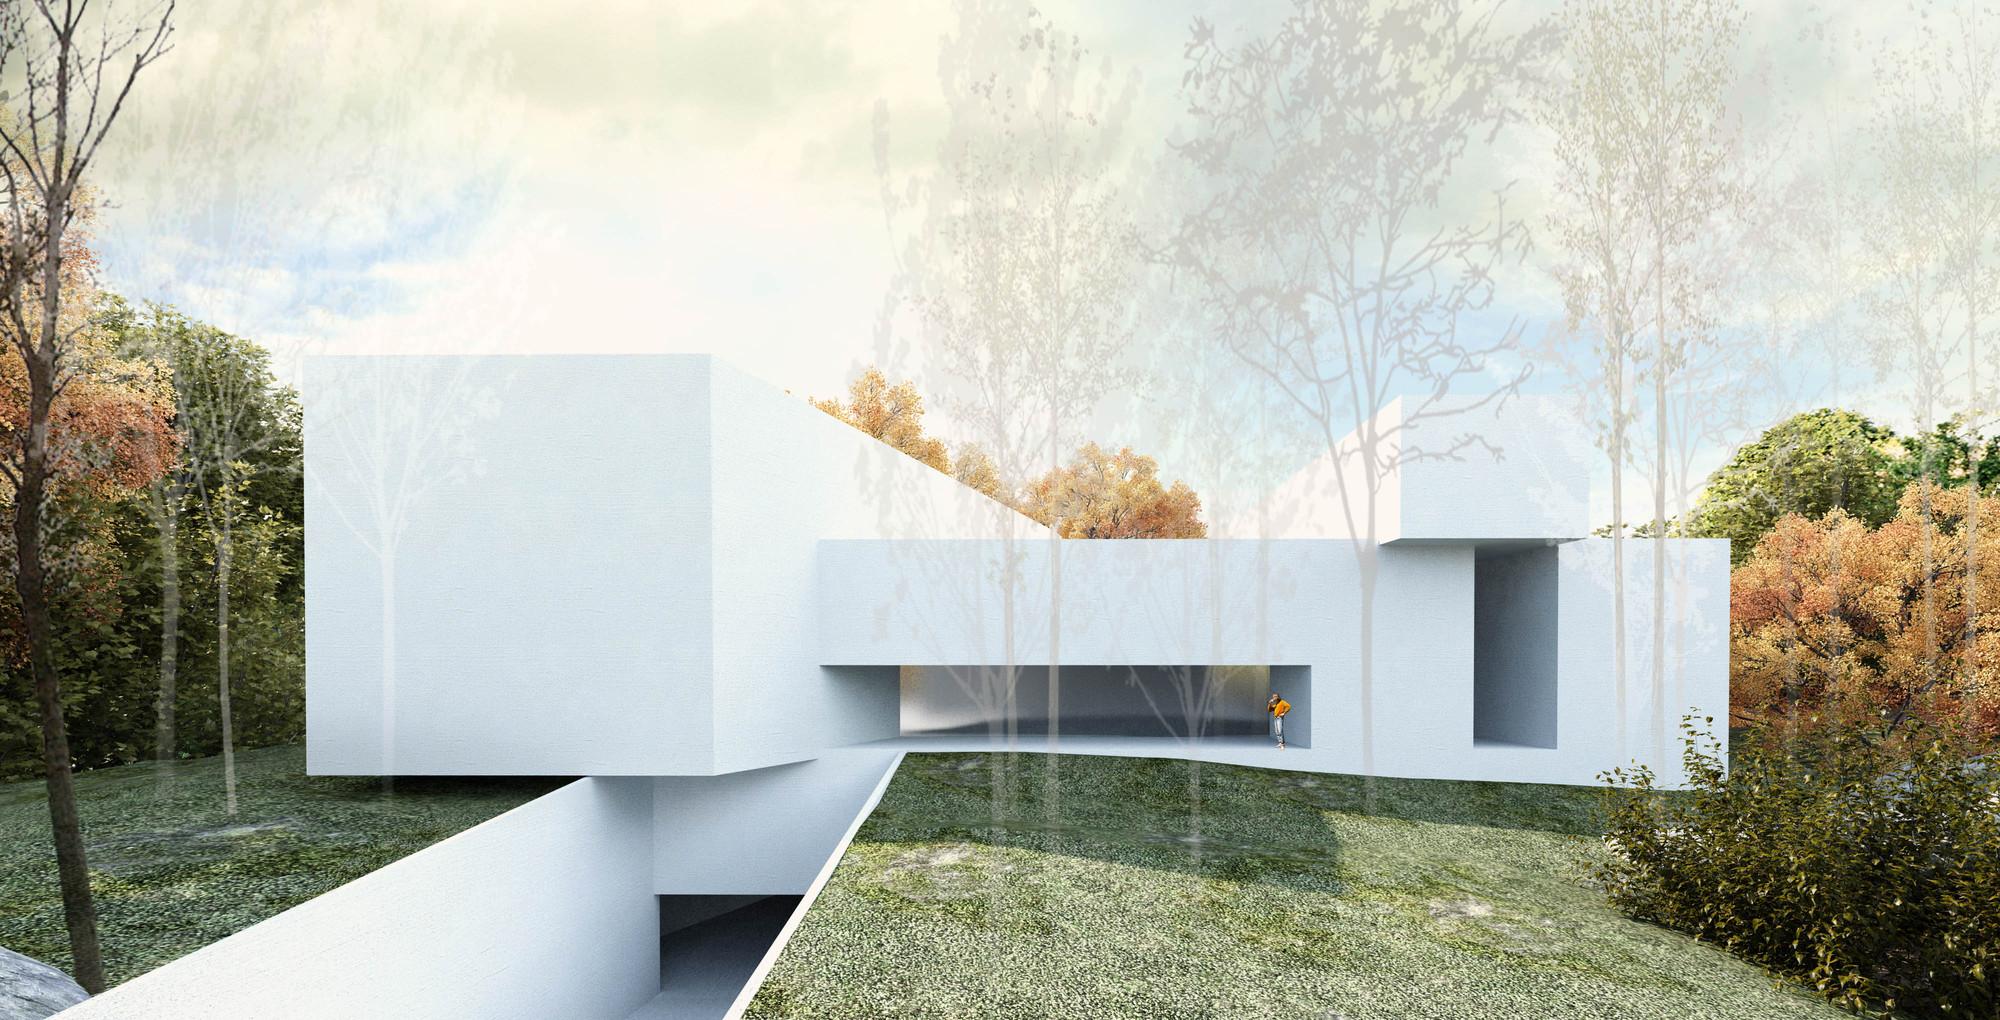 Tercer Lugar Concurso de Ideas Museo Mario Toral, Courtesy of Wolfgang Schoenbeck